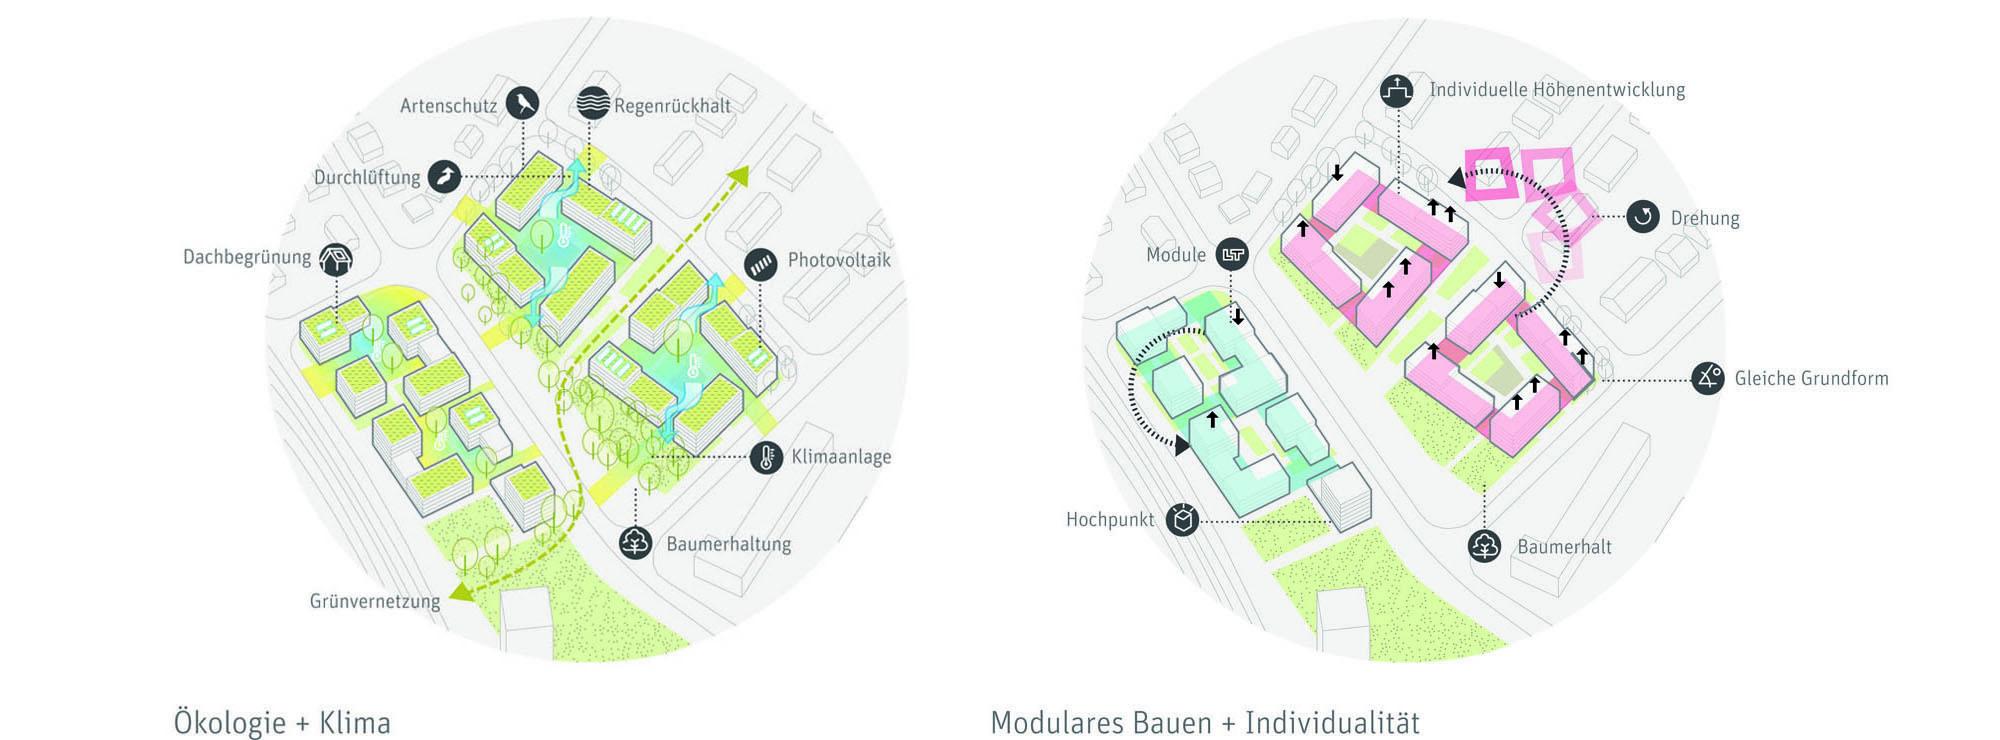 Pesch Partner ,Wettbewerb  Zanderweg_Volkswohnung, Wohnungsbau, Typologien, Modulares Bauen